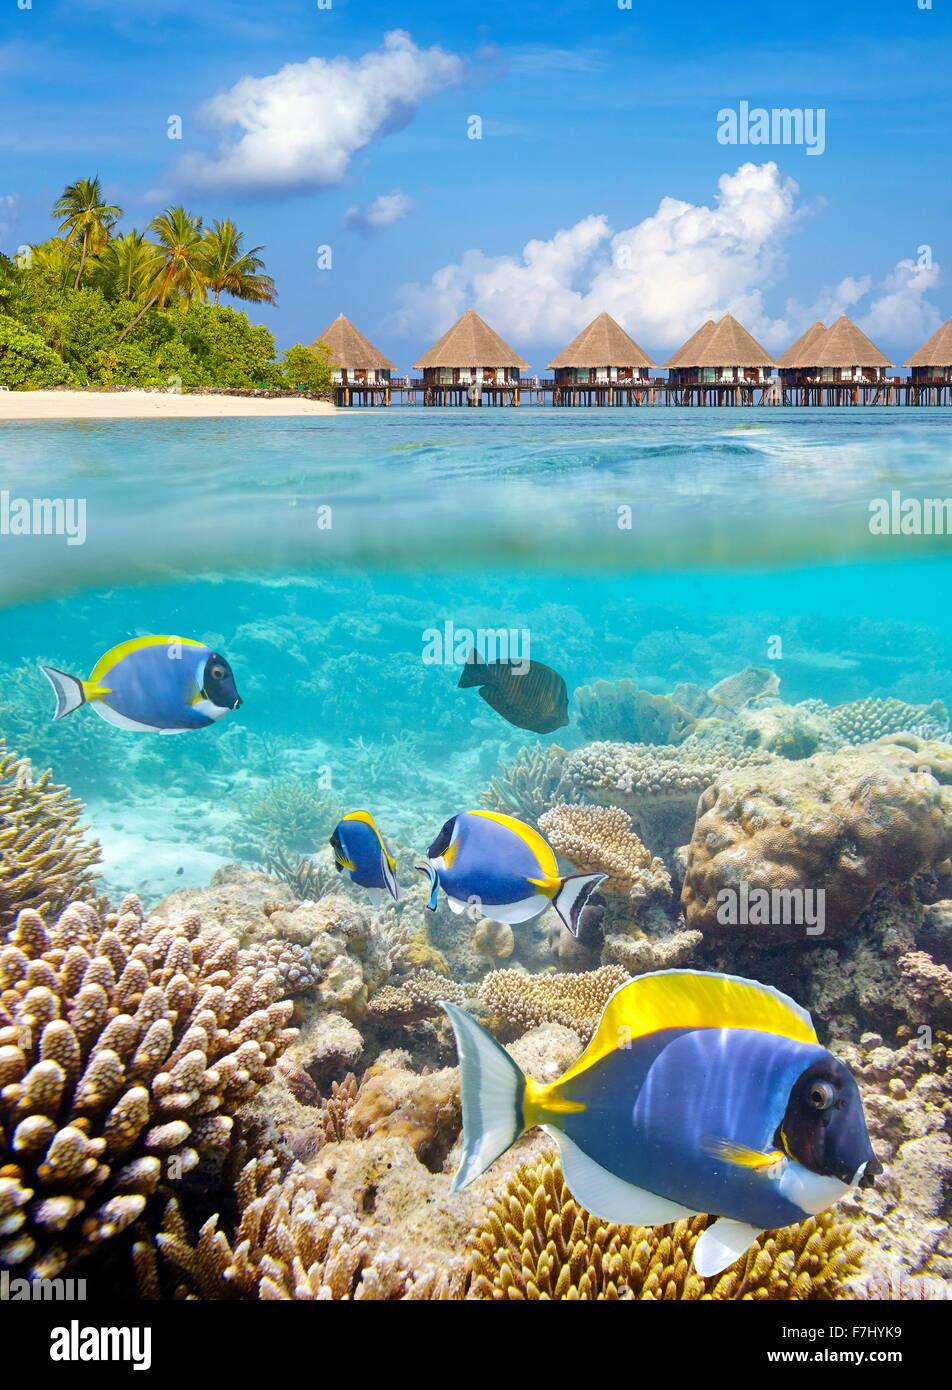 Vue sous-marine de poissons tropicaux et de corail, l'île des Maldives, Ari Atoll Banque D'Images